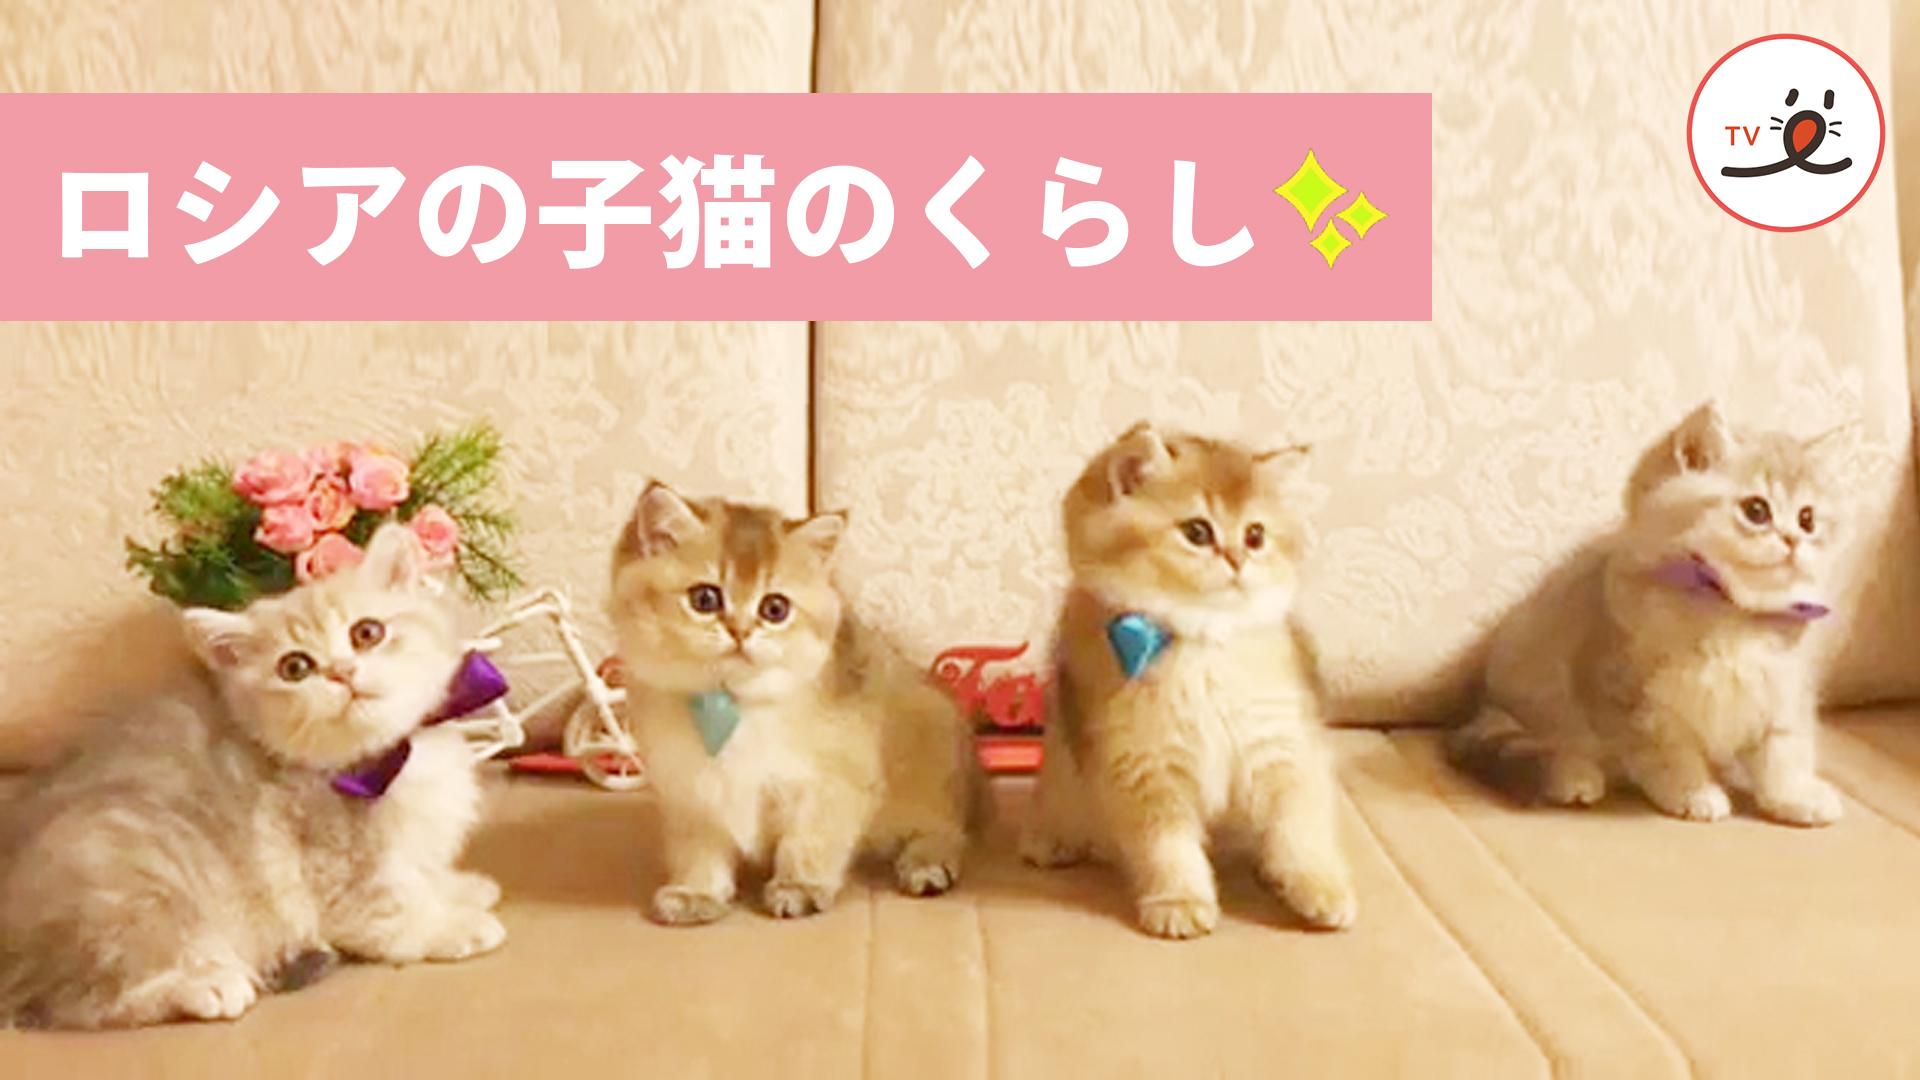 ロシア生まれのふわふわ子猫たち😻 愛さずにはいられない💕